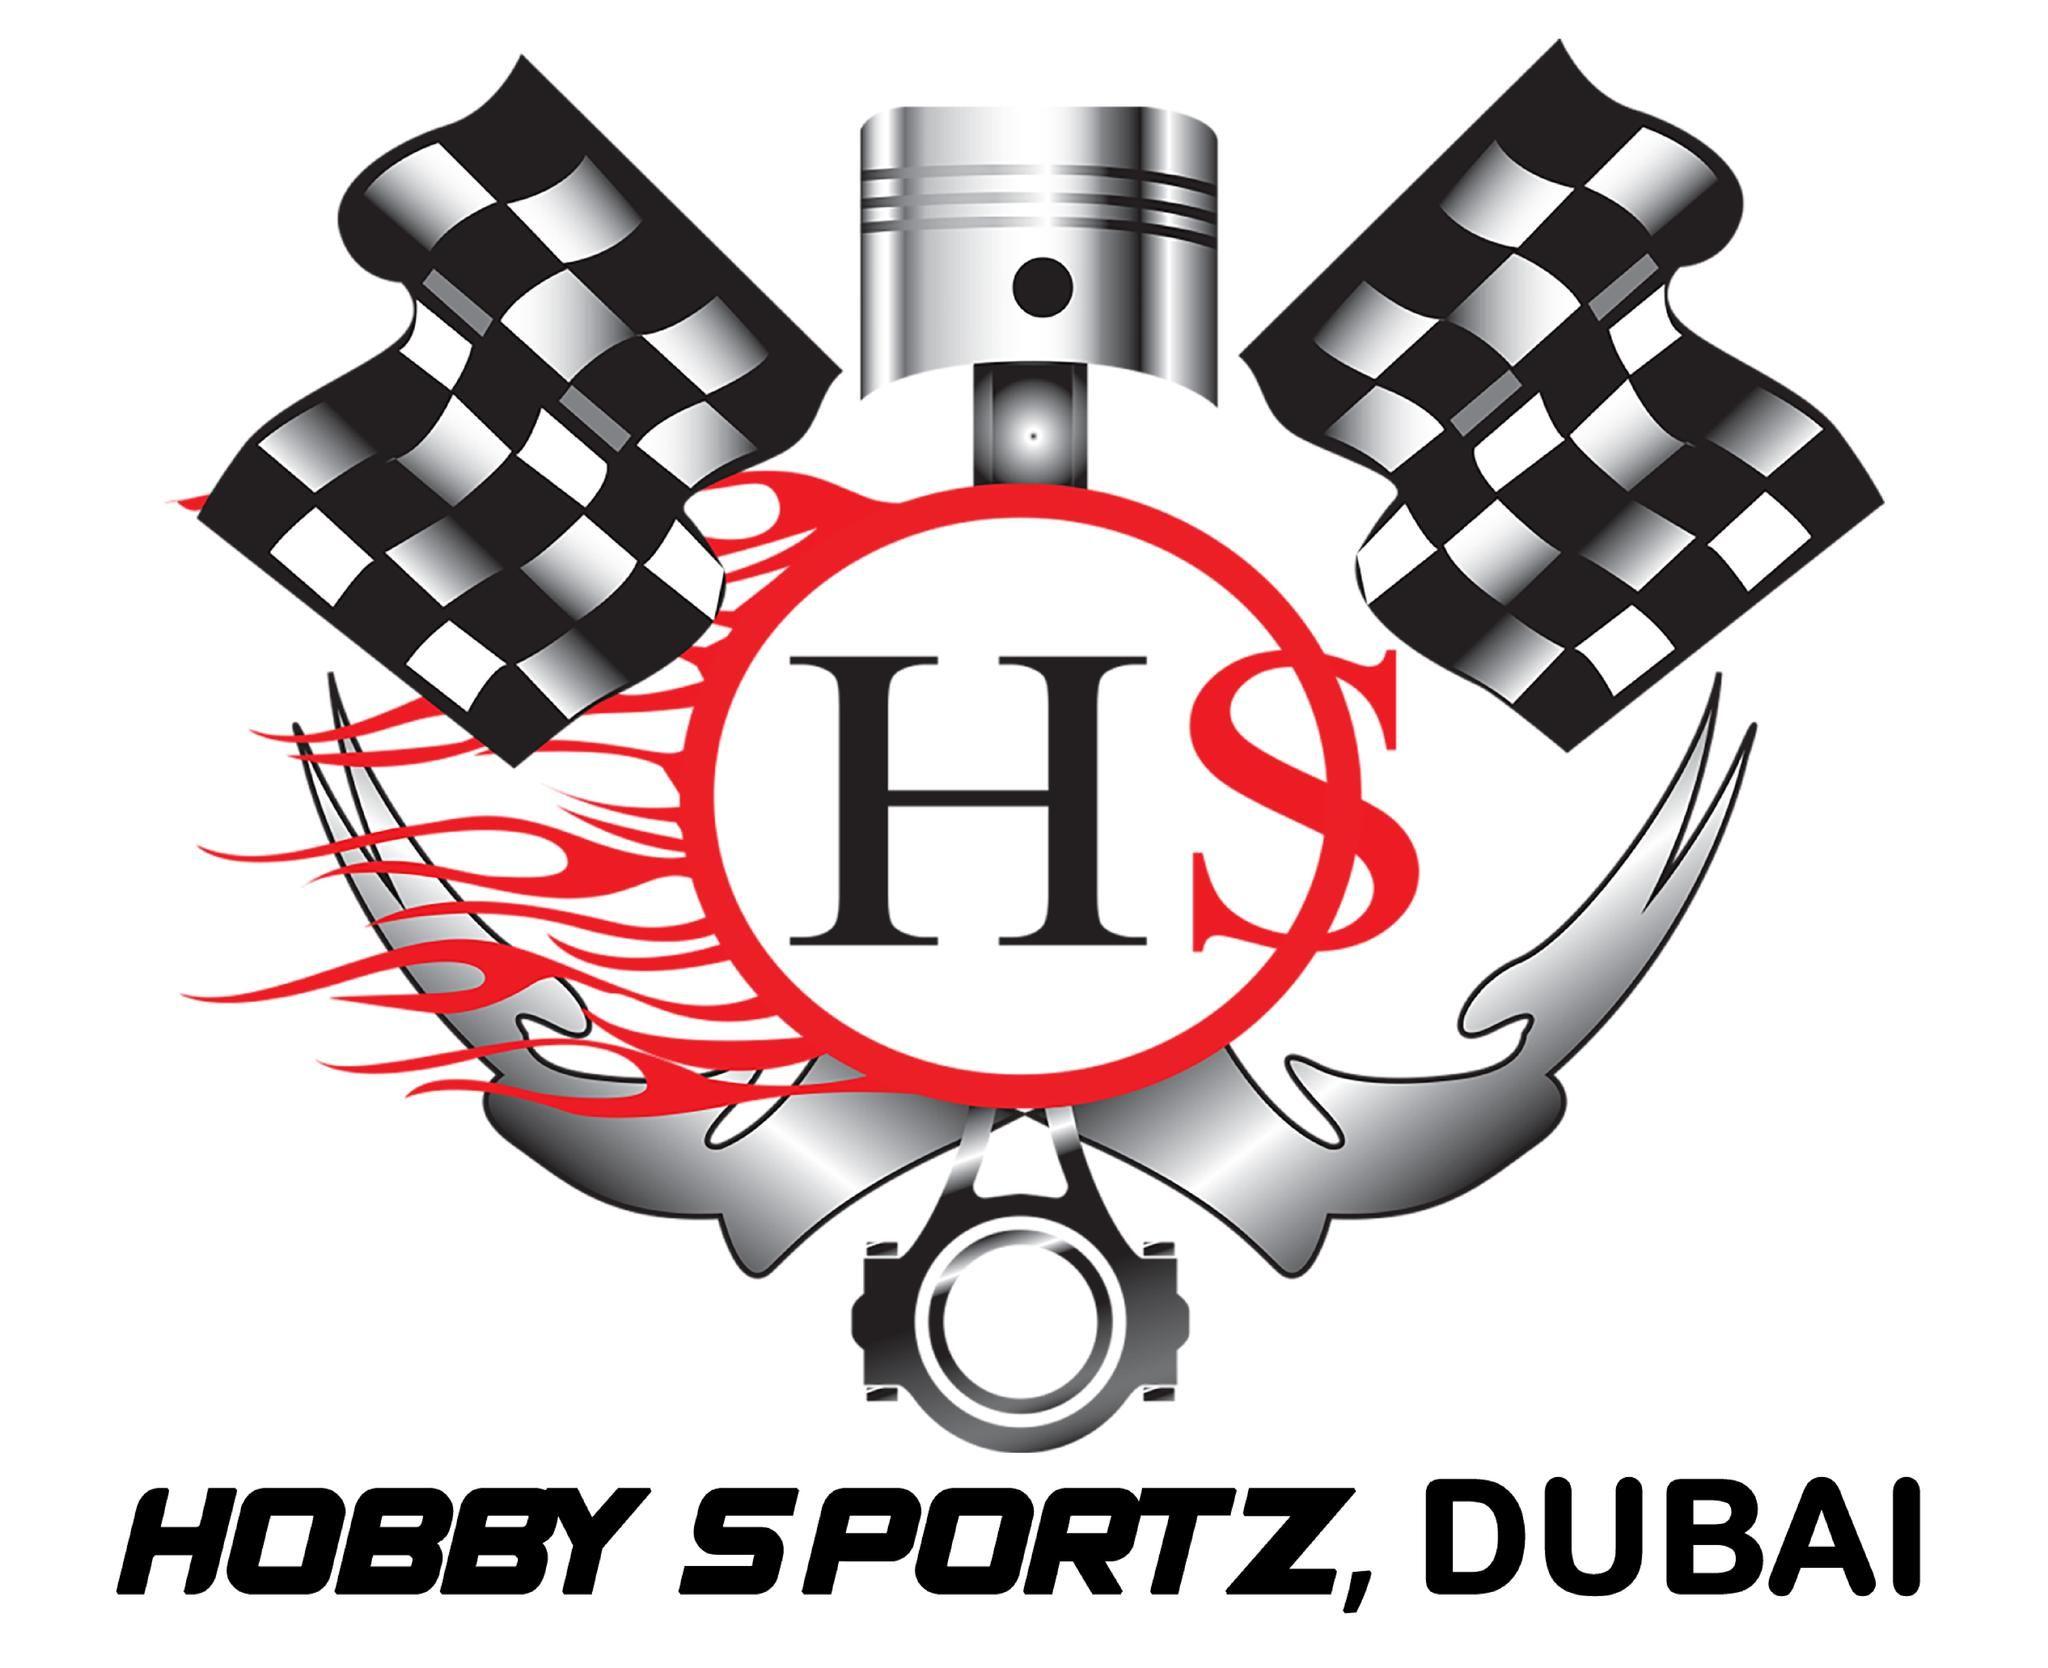 Hobby Sportz